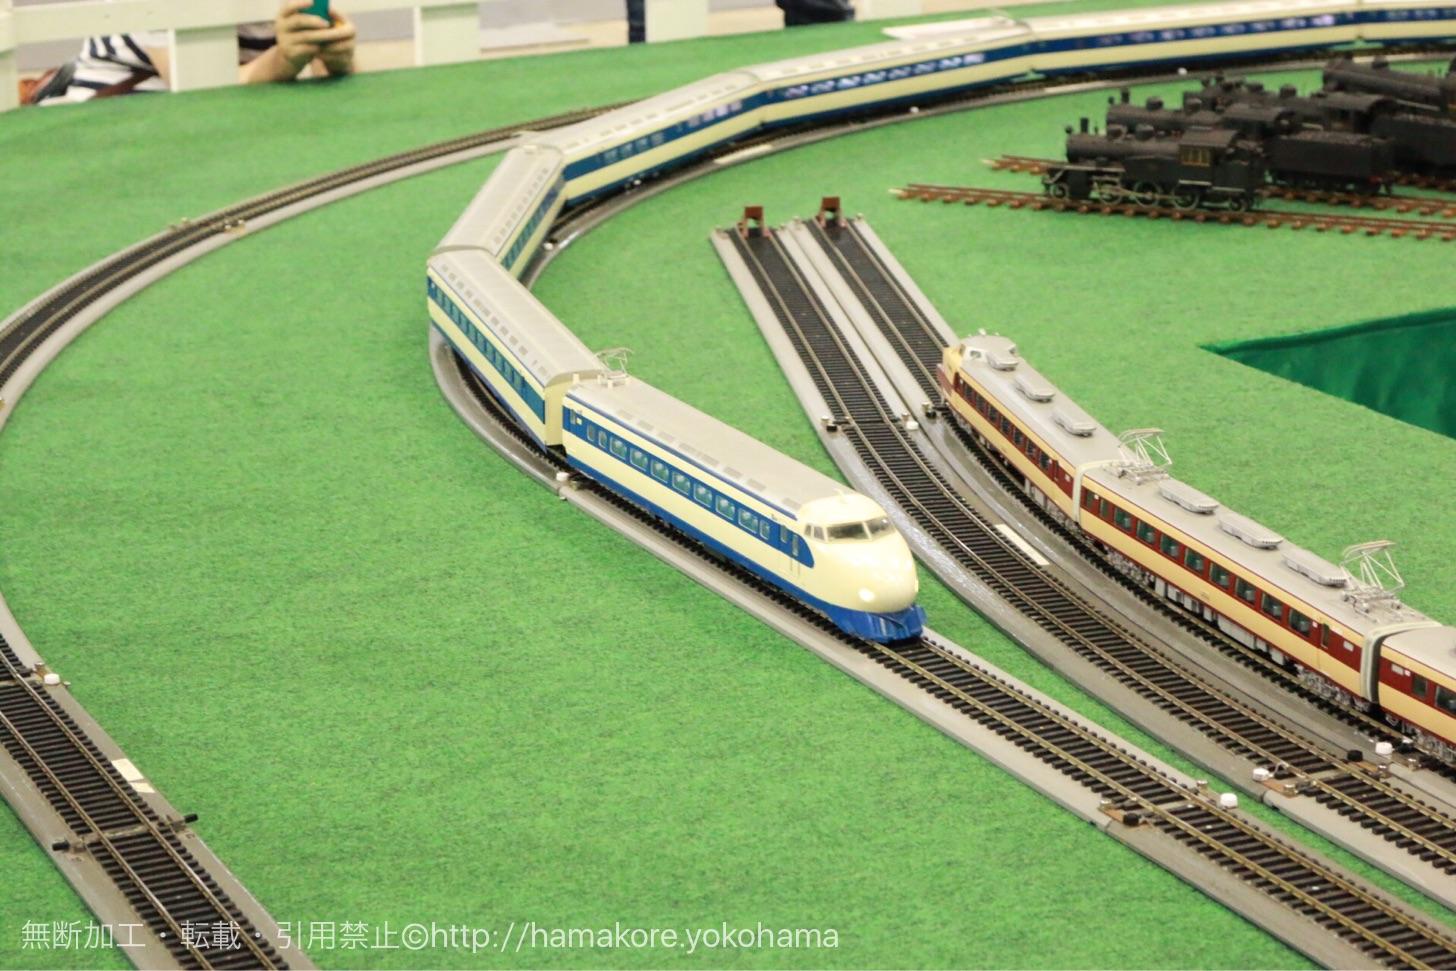 世界鉄道博2016の初日は混雑なし!巨大すぎるジオラマと圧巻の鉄道模型数に感激